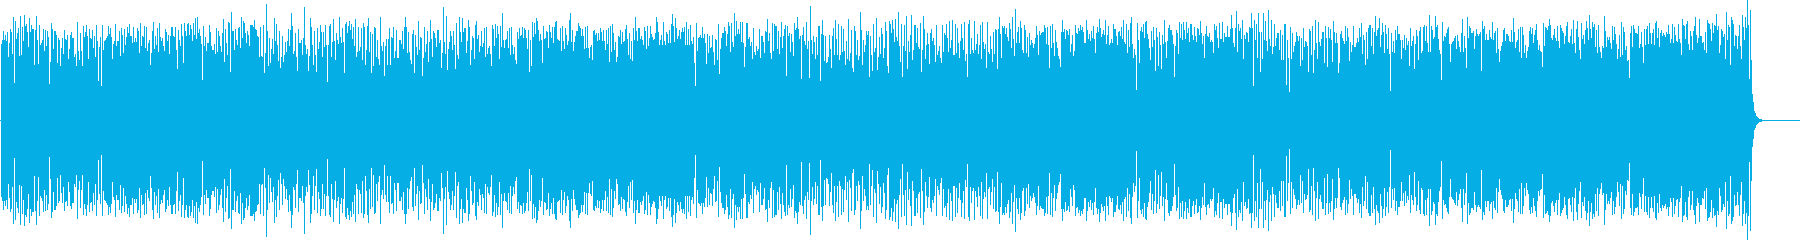 爽快なフュージョン(フルサイズ)の再生済みの波形